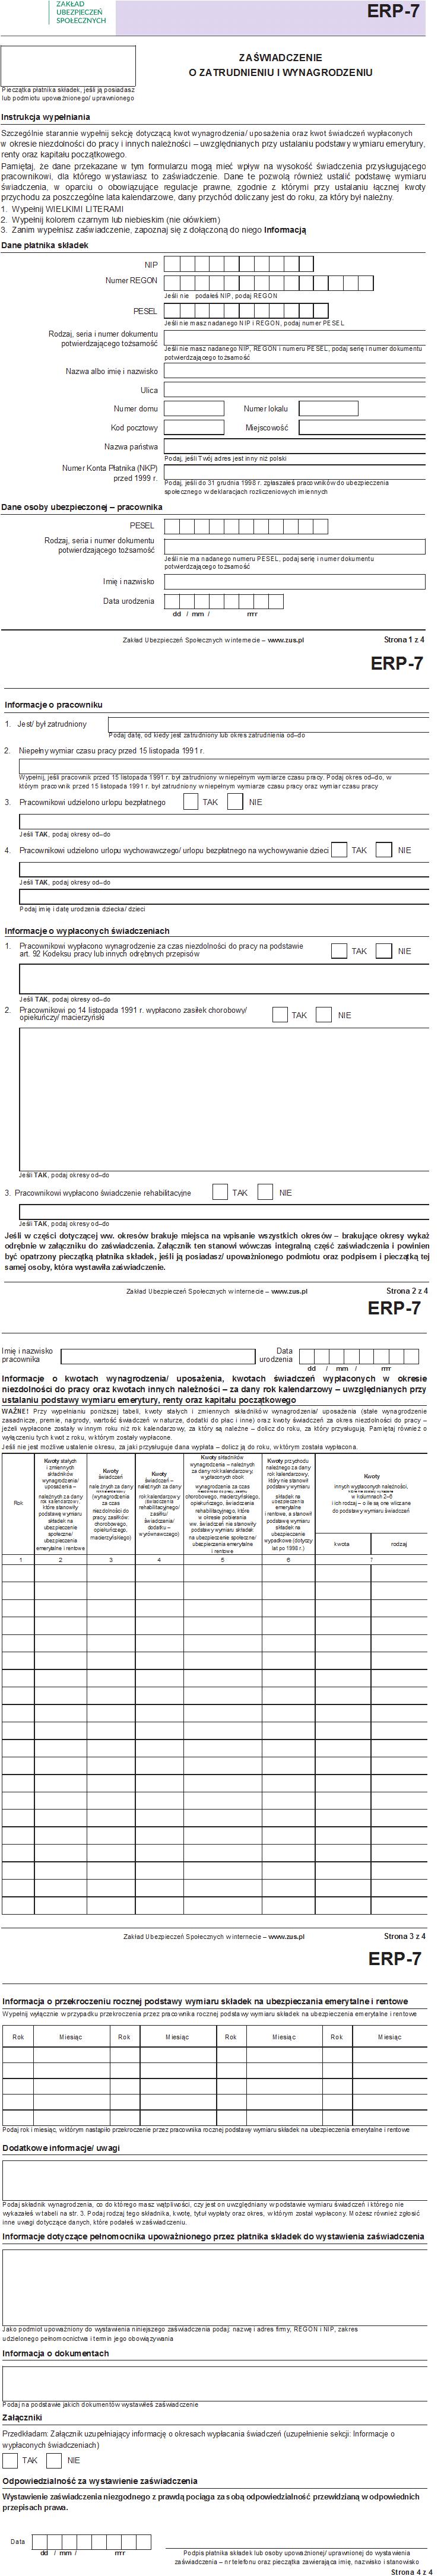 1cd2a8e1fd9f00 Nowy formularz ZUS ERP-7 - wzór, jak wypełnić - Formularze ZUS - ZUS ...